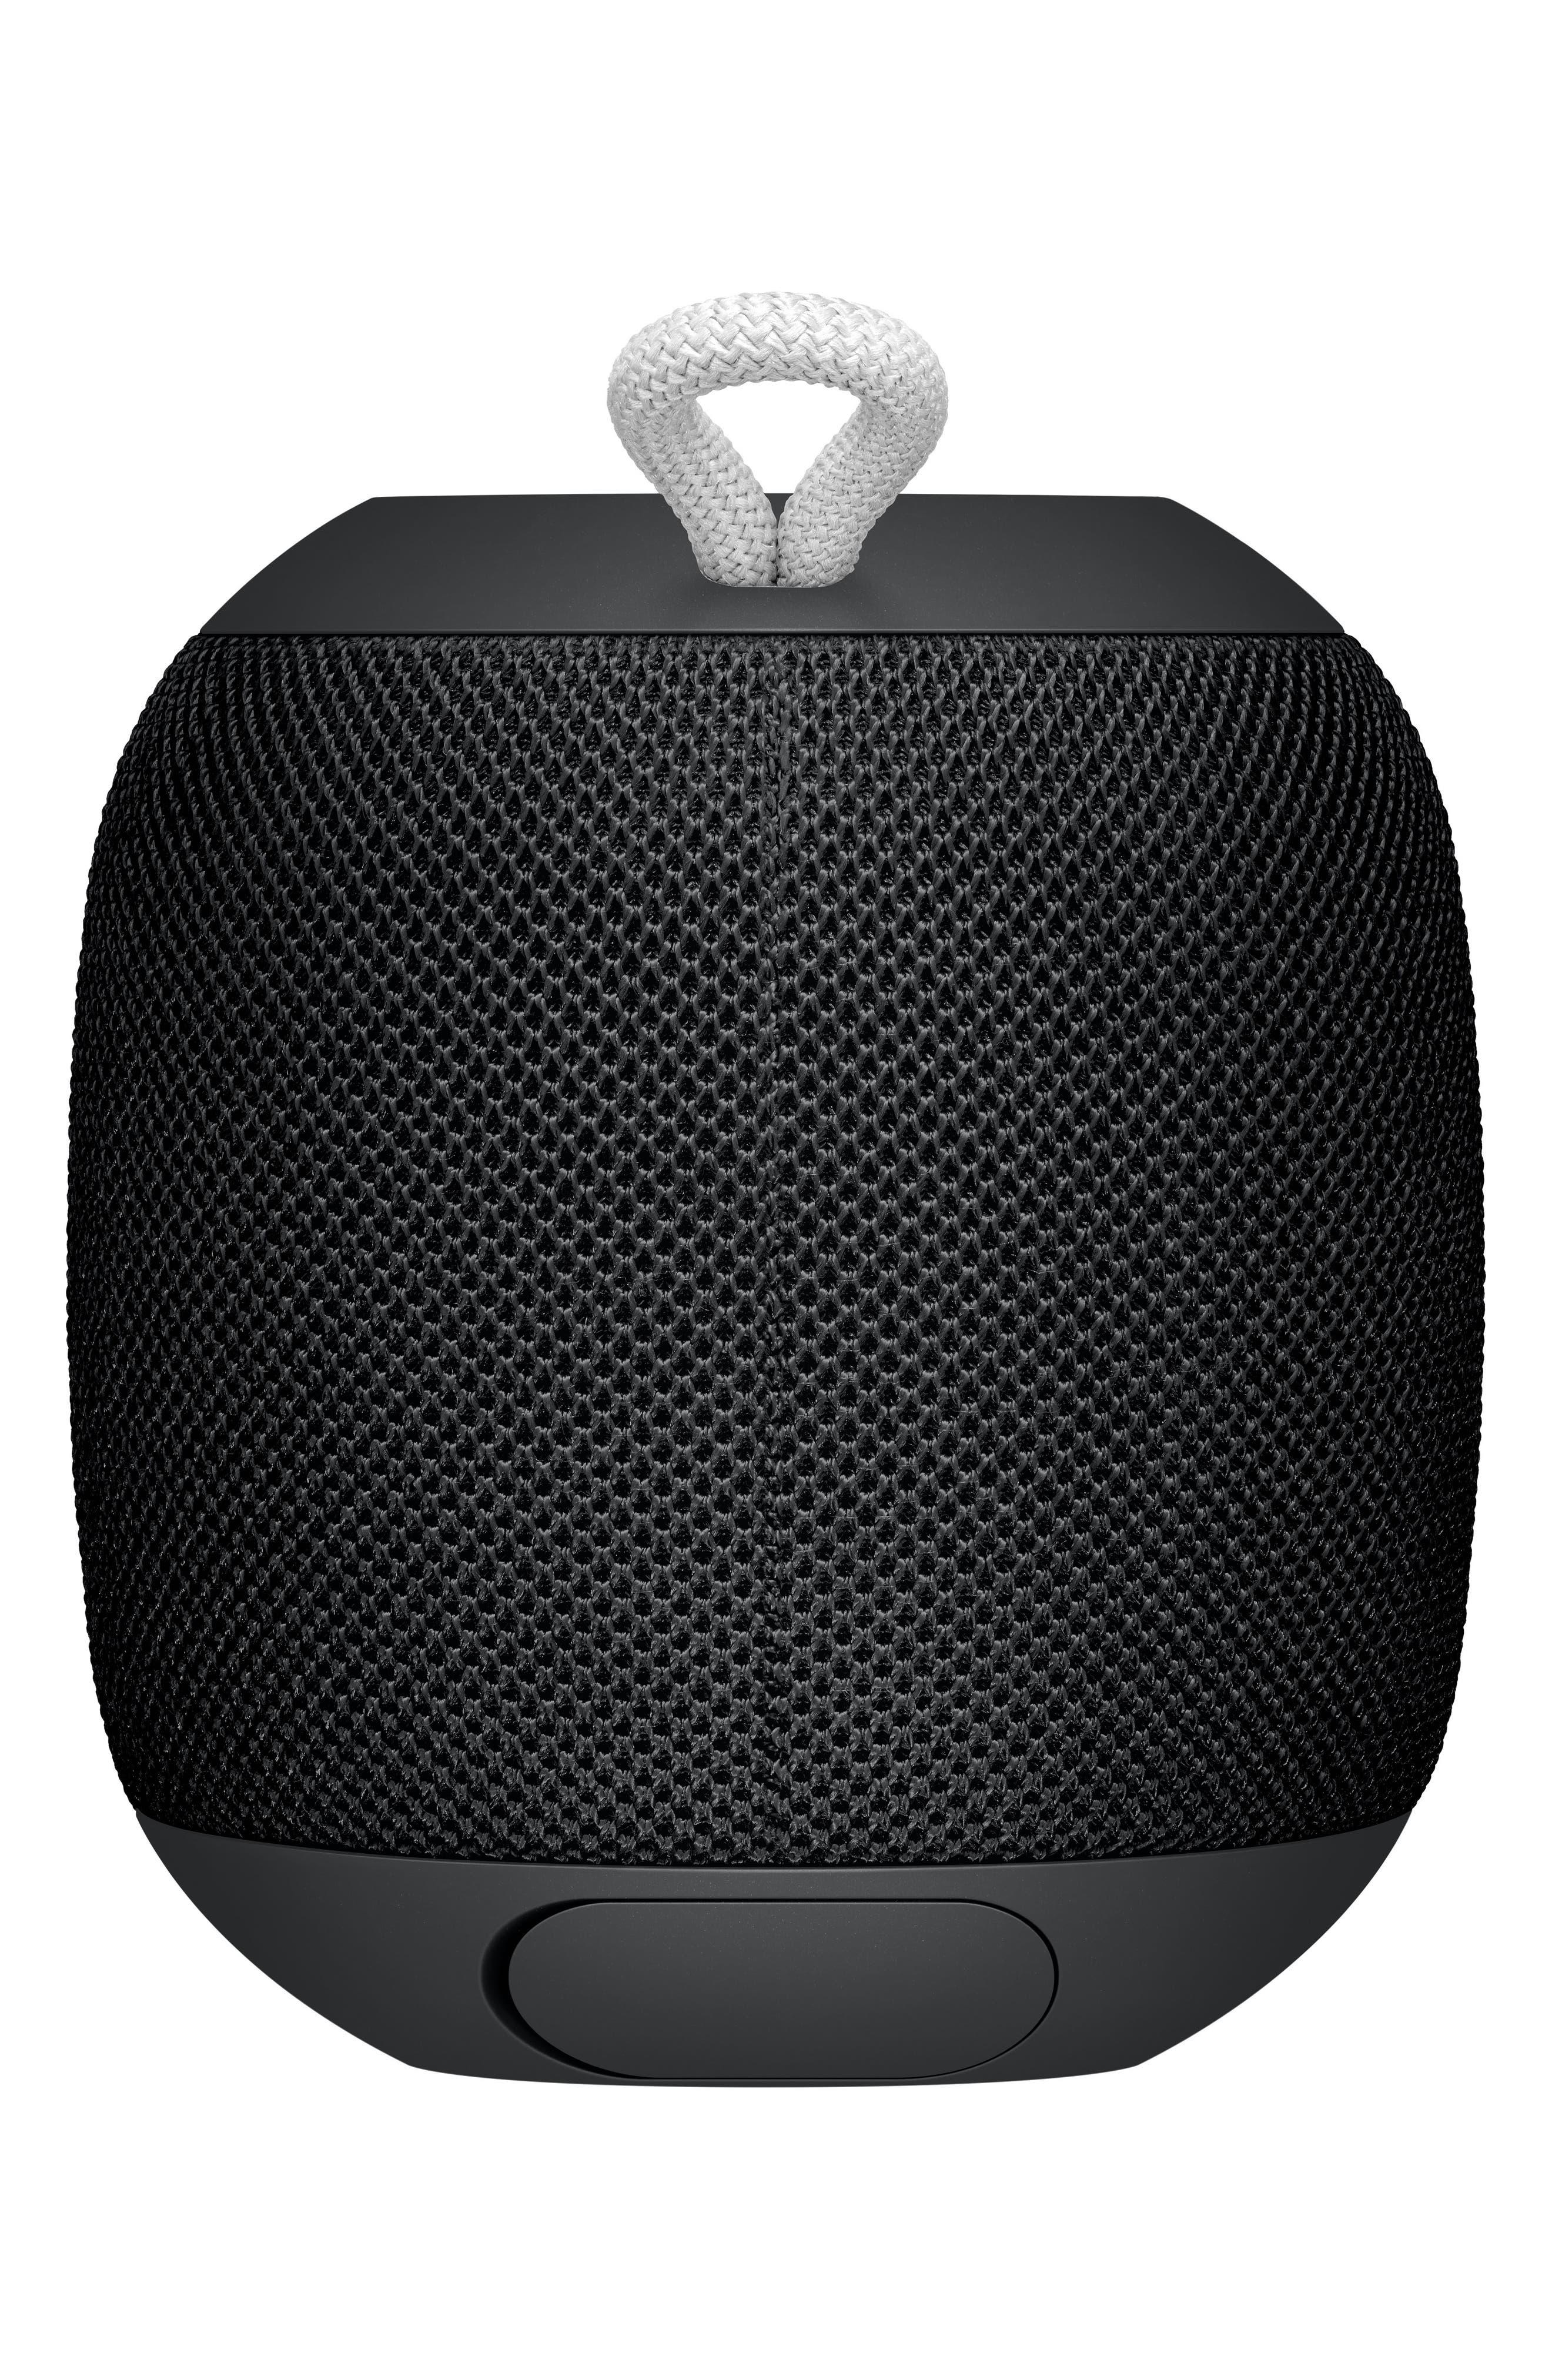 Ultimate Ears Wonderboom Portable Waterproof Bluetooth Speaker,                             Alternate thumbnail 3, color,                             Phantom Black